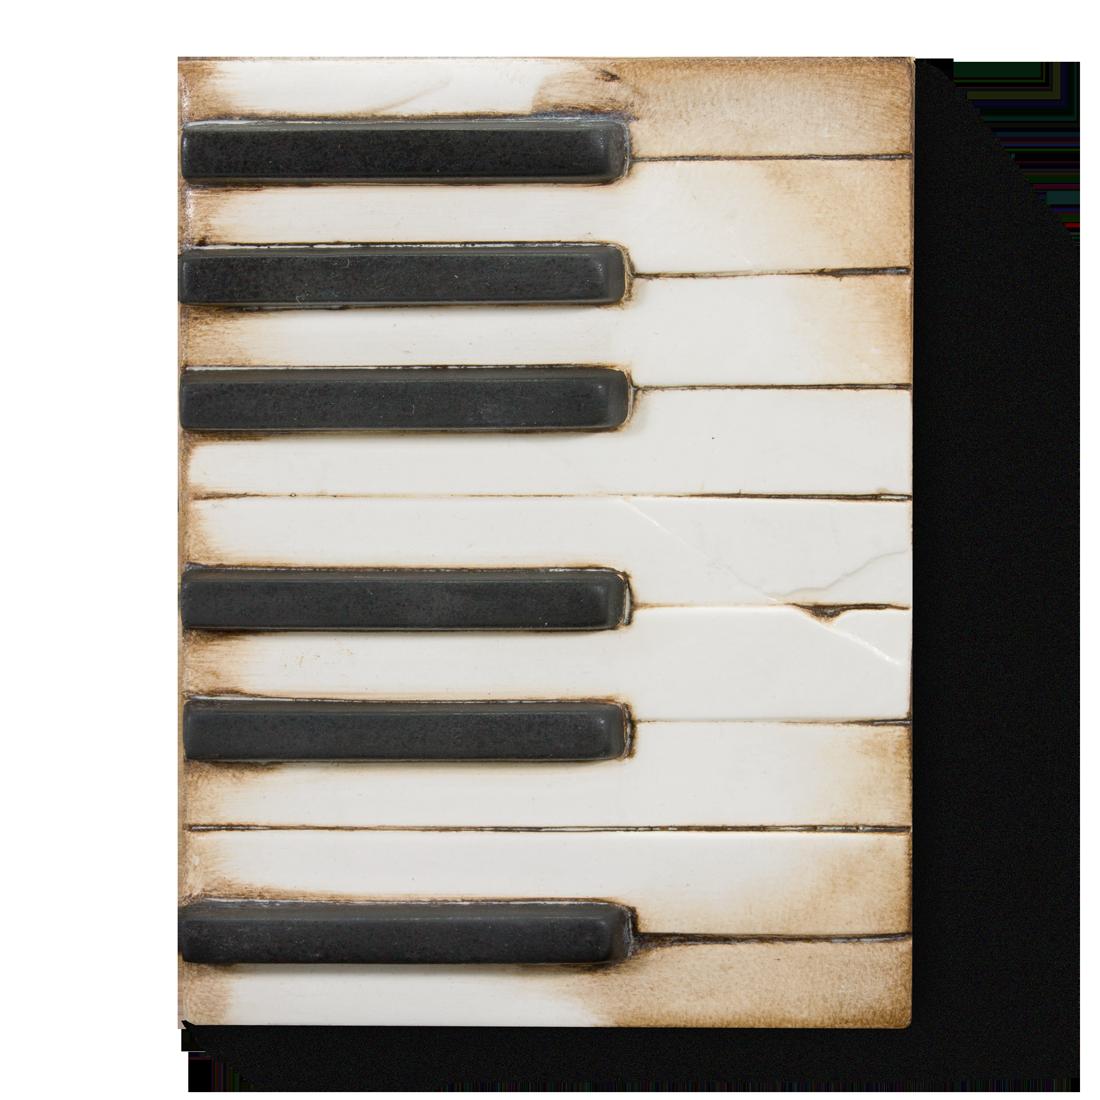 T45 - Piano Keys - Memory Block Sid Dickens